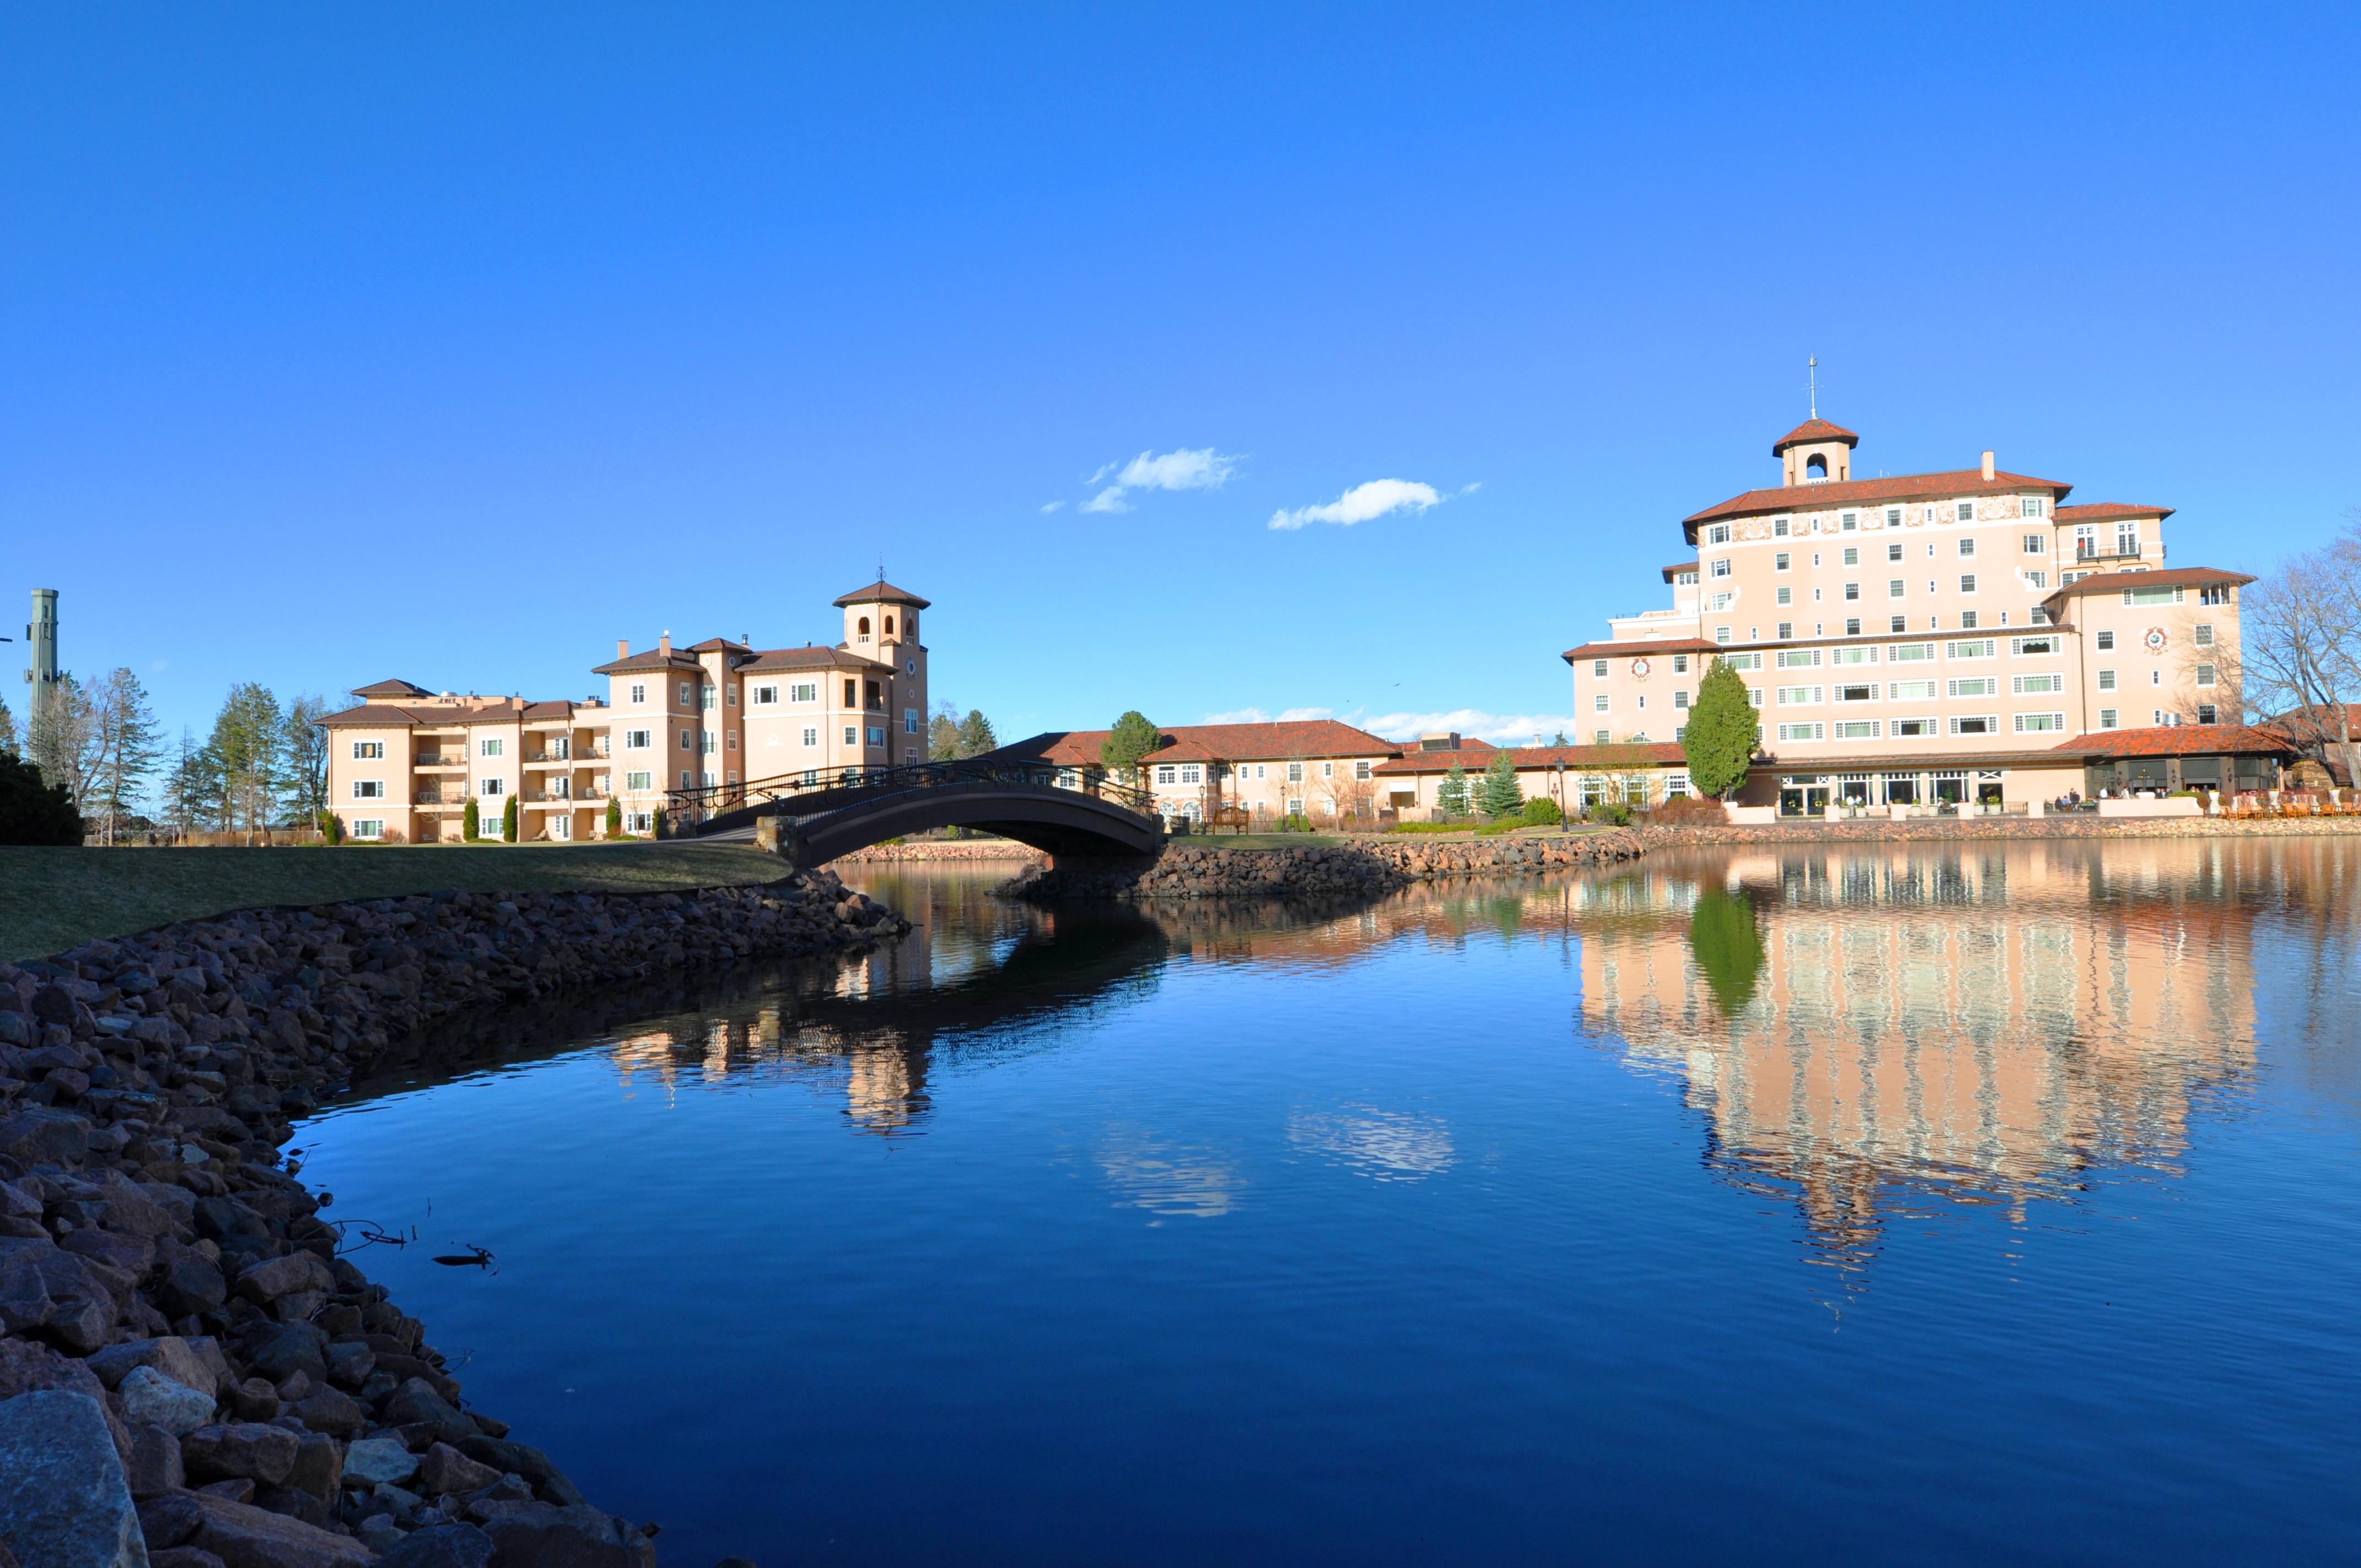 The Broadmoor - Wikipedia